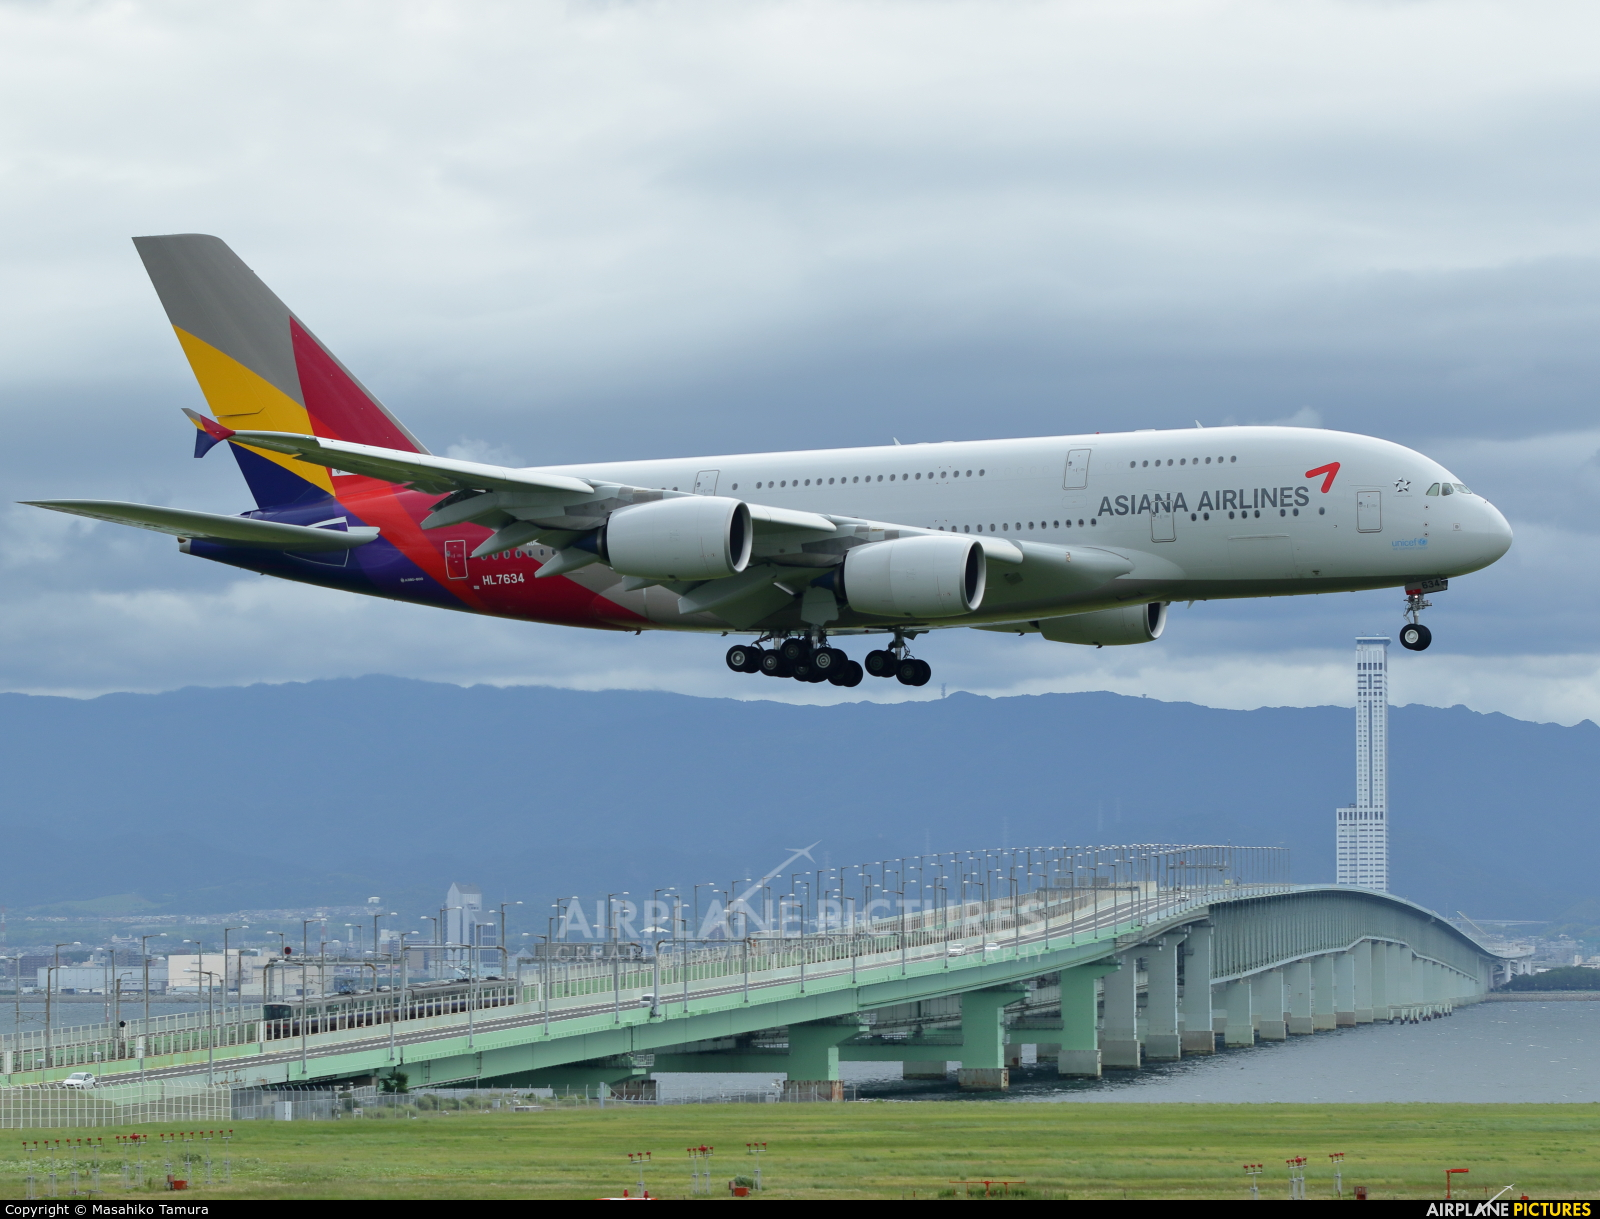 Asiana Airlines HL7634 aircraft at Kansai Intl